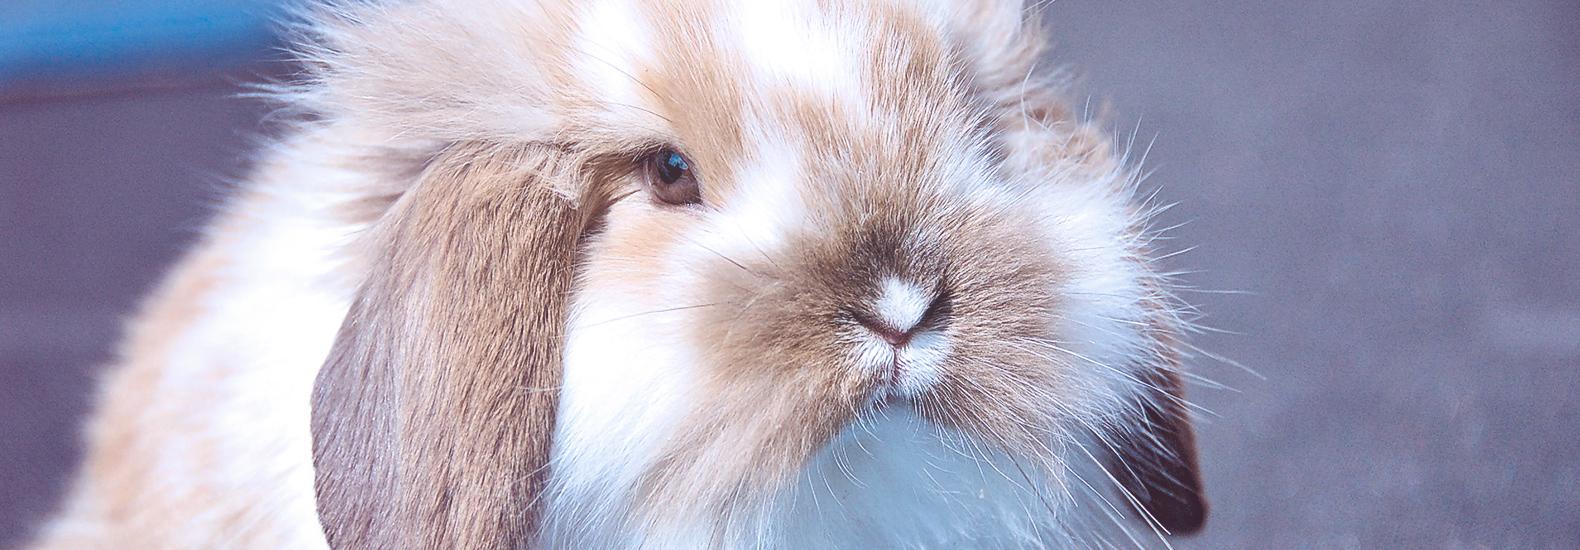 Guía de cuidados básicos de los conejos domésticos